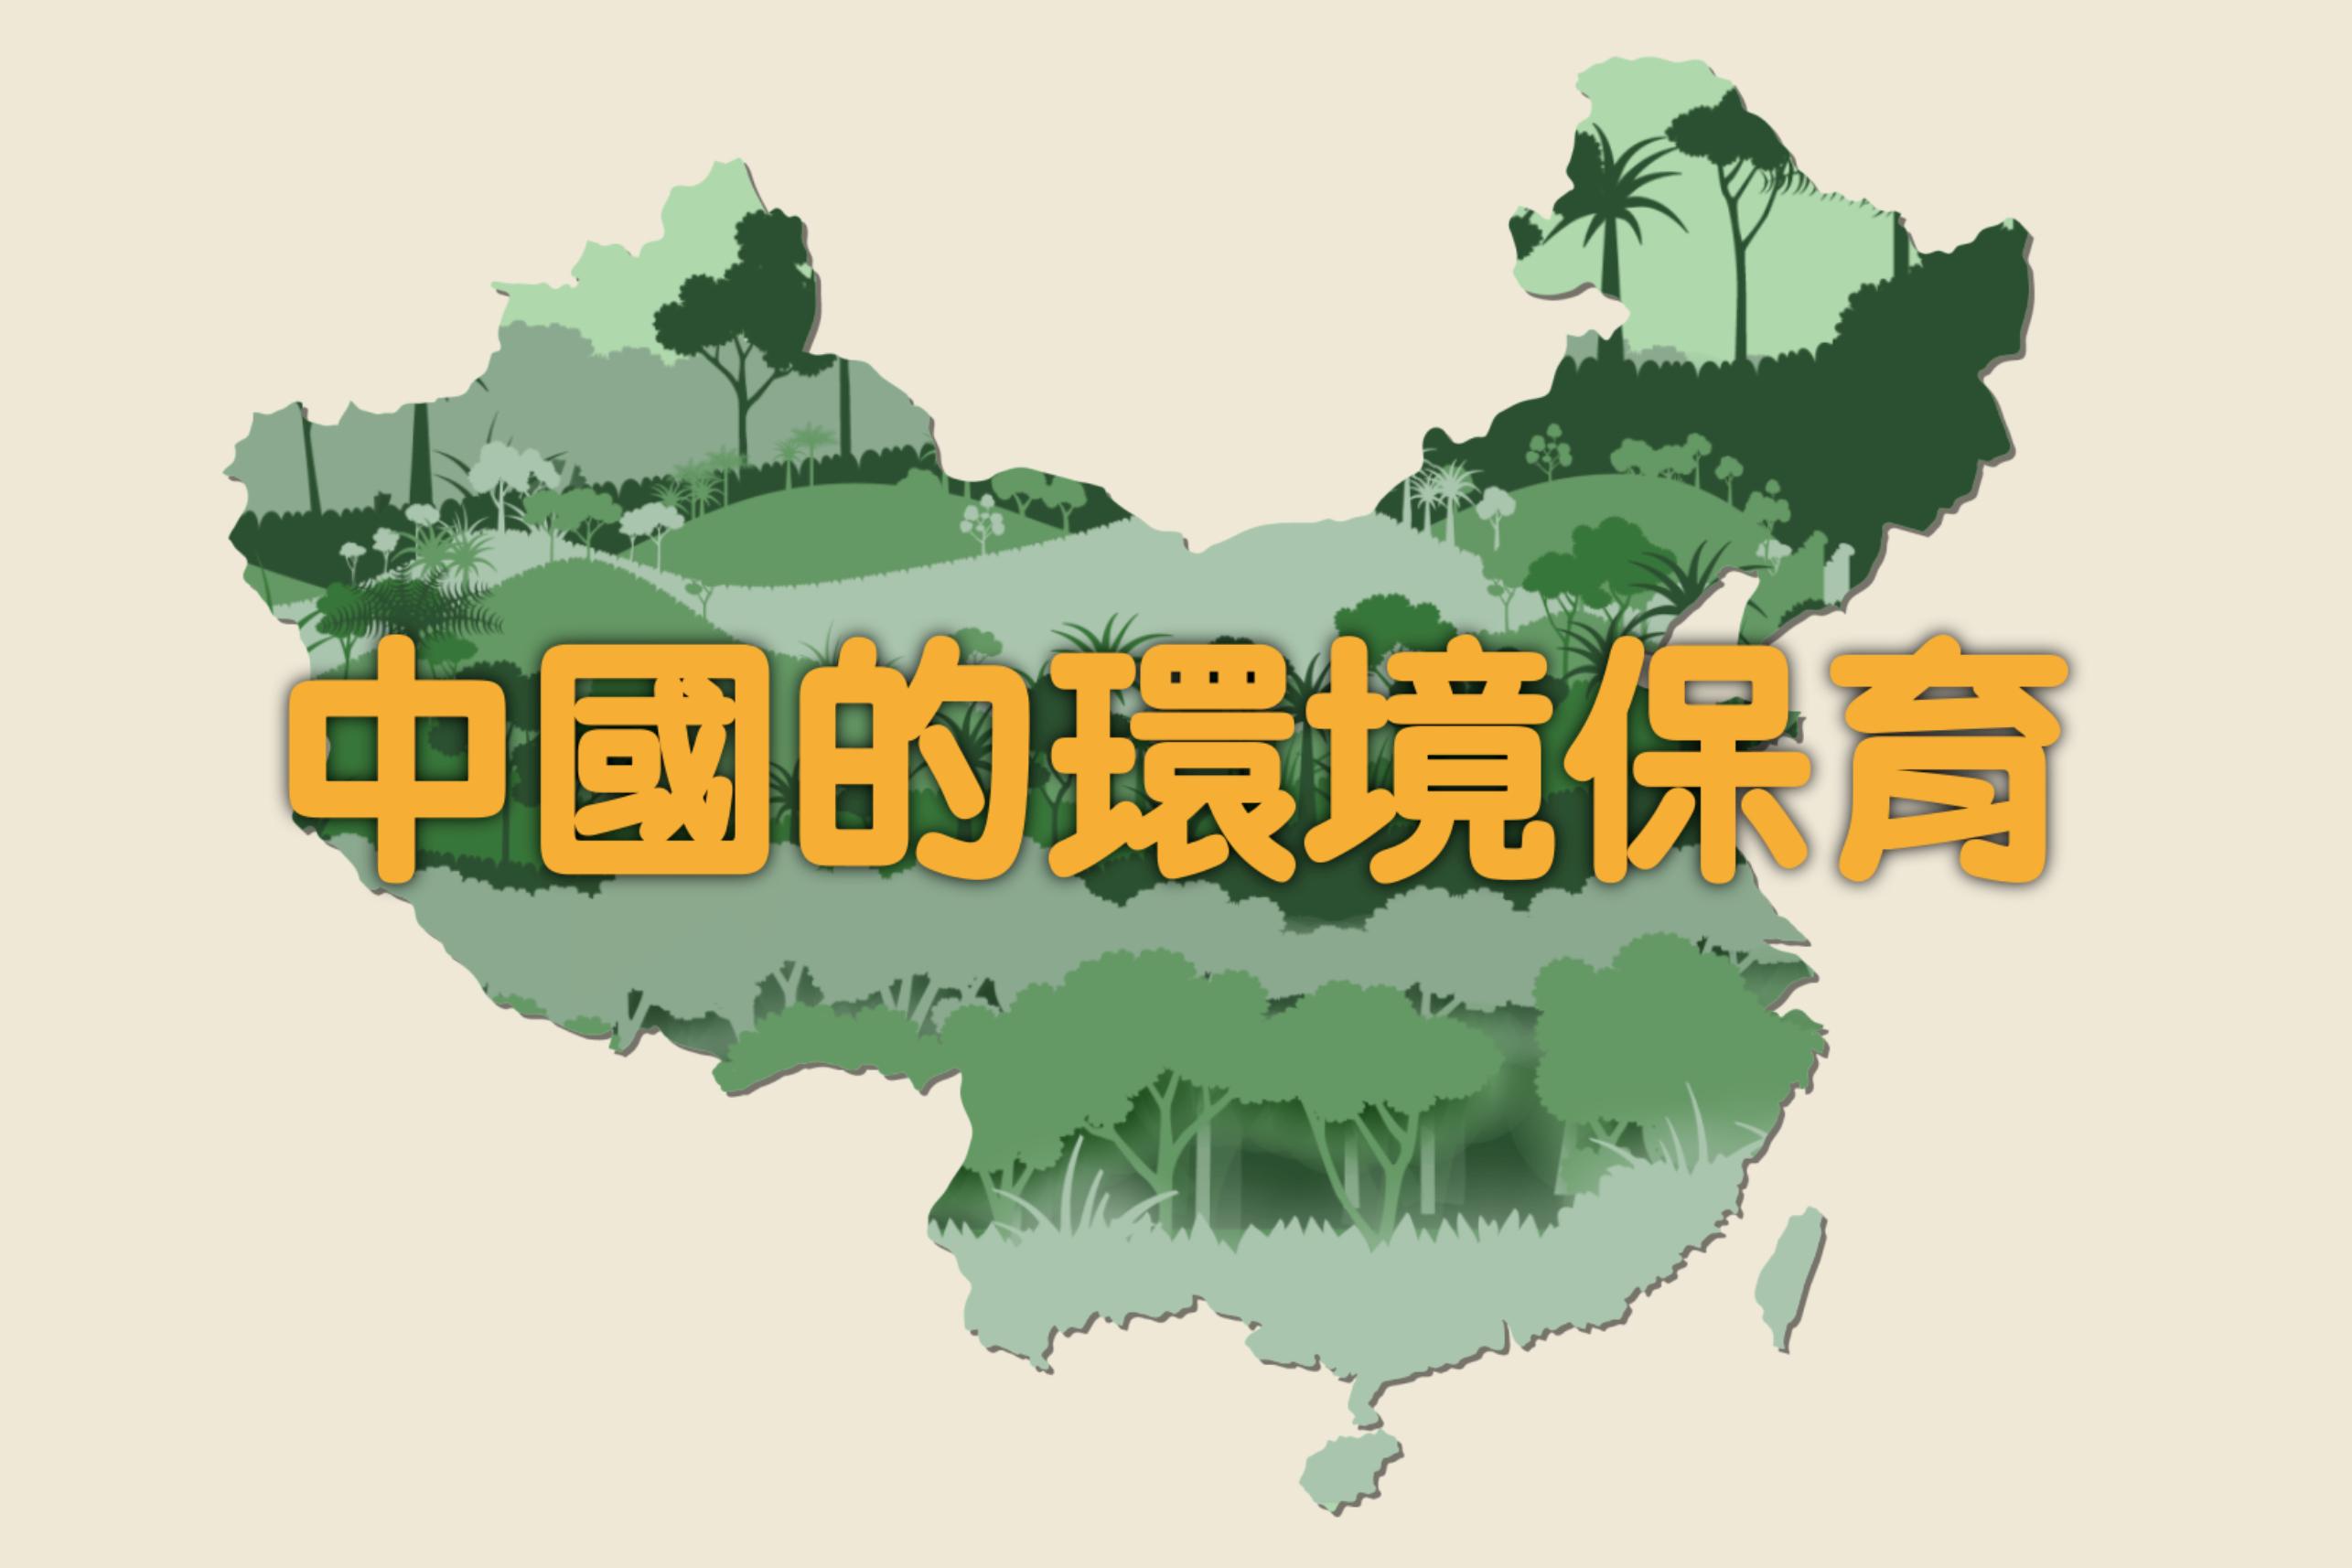 yingmukuaizhao_2020-11-05_xiawu4.01.18